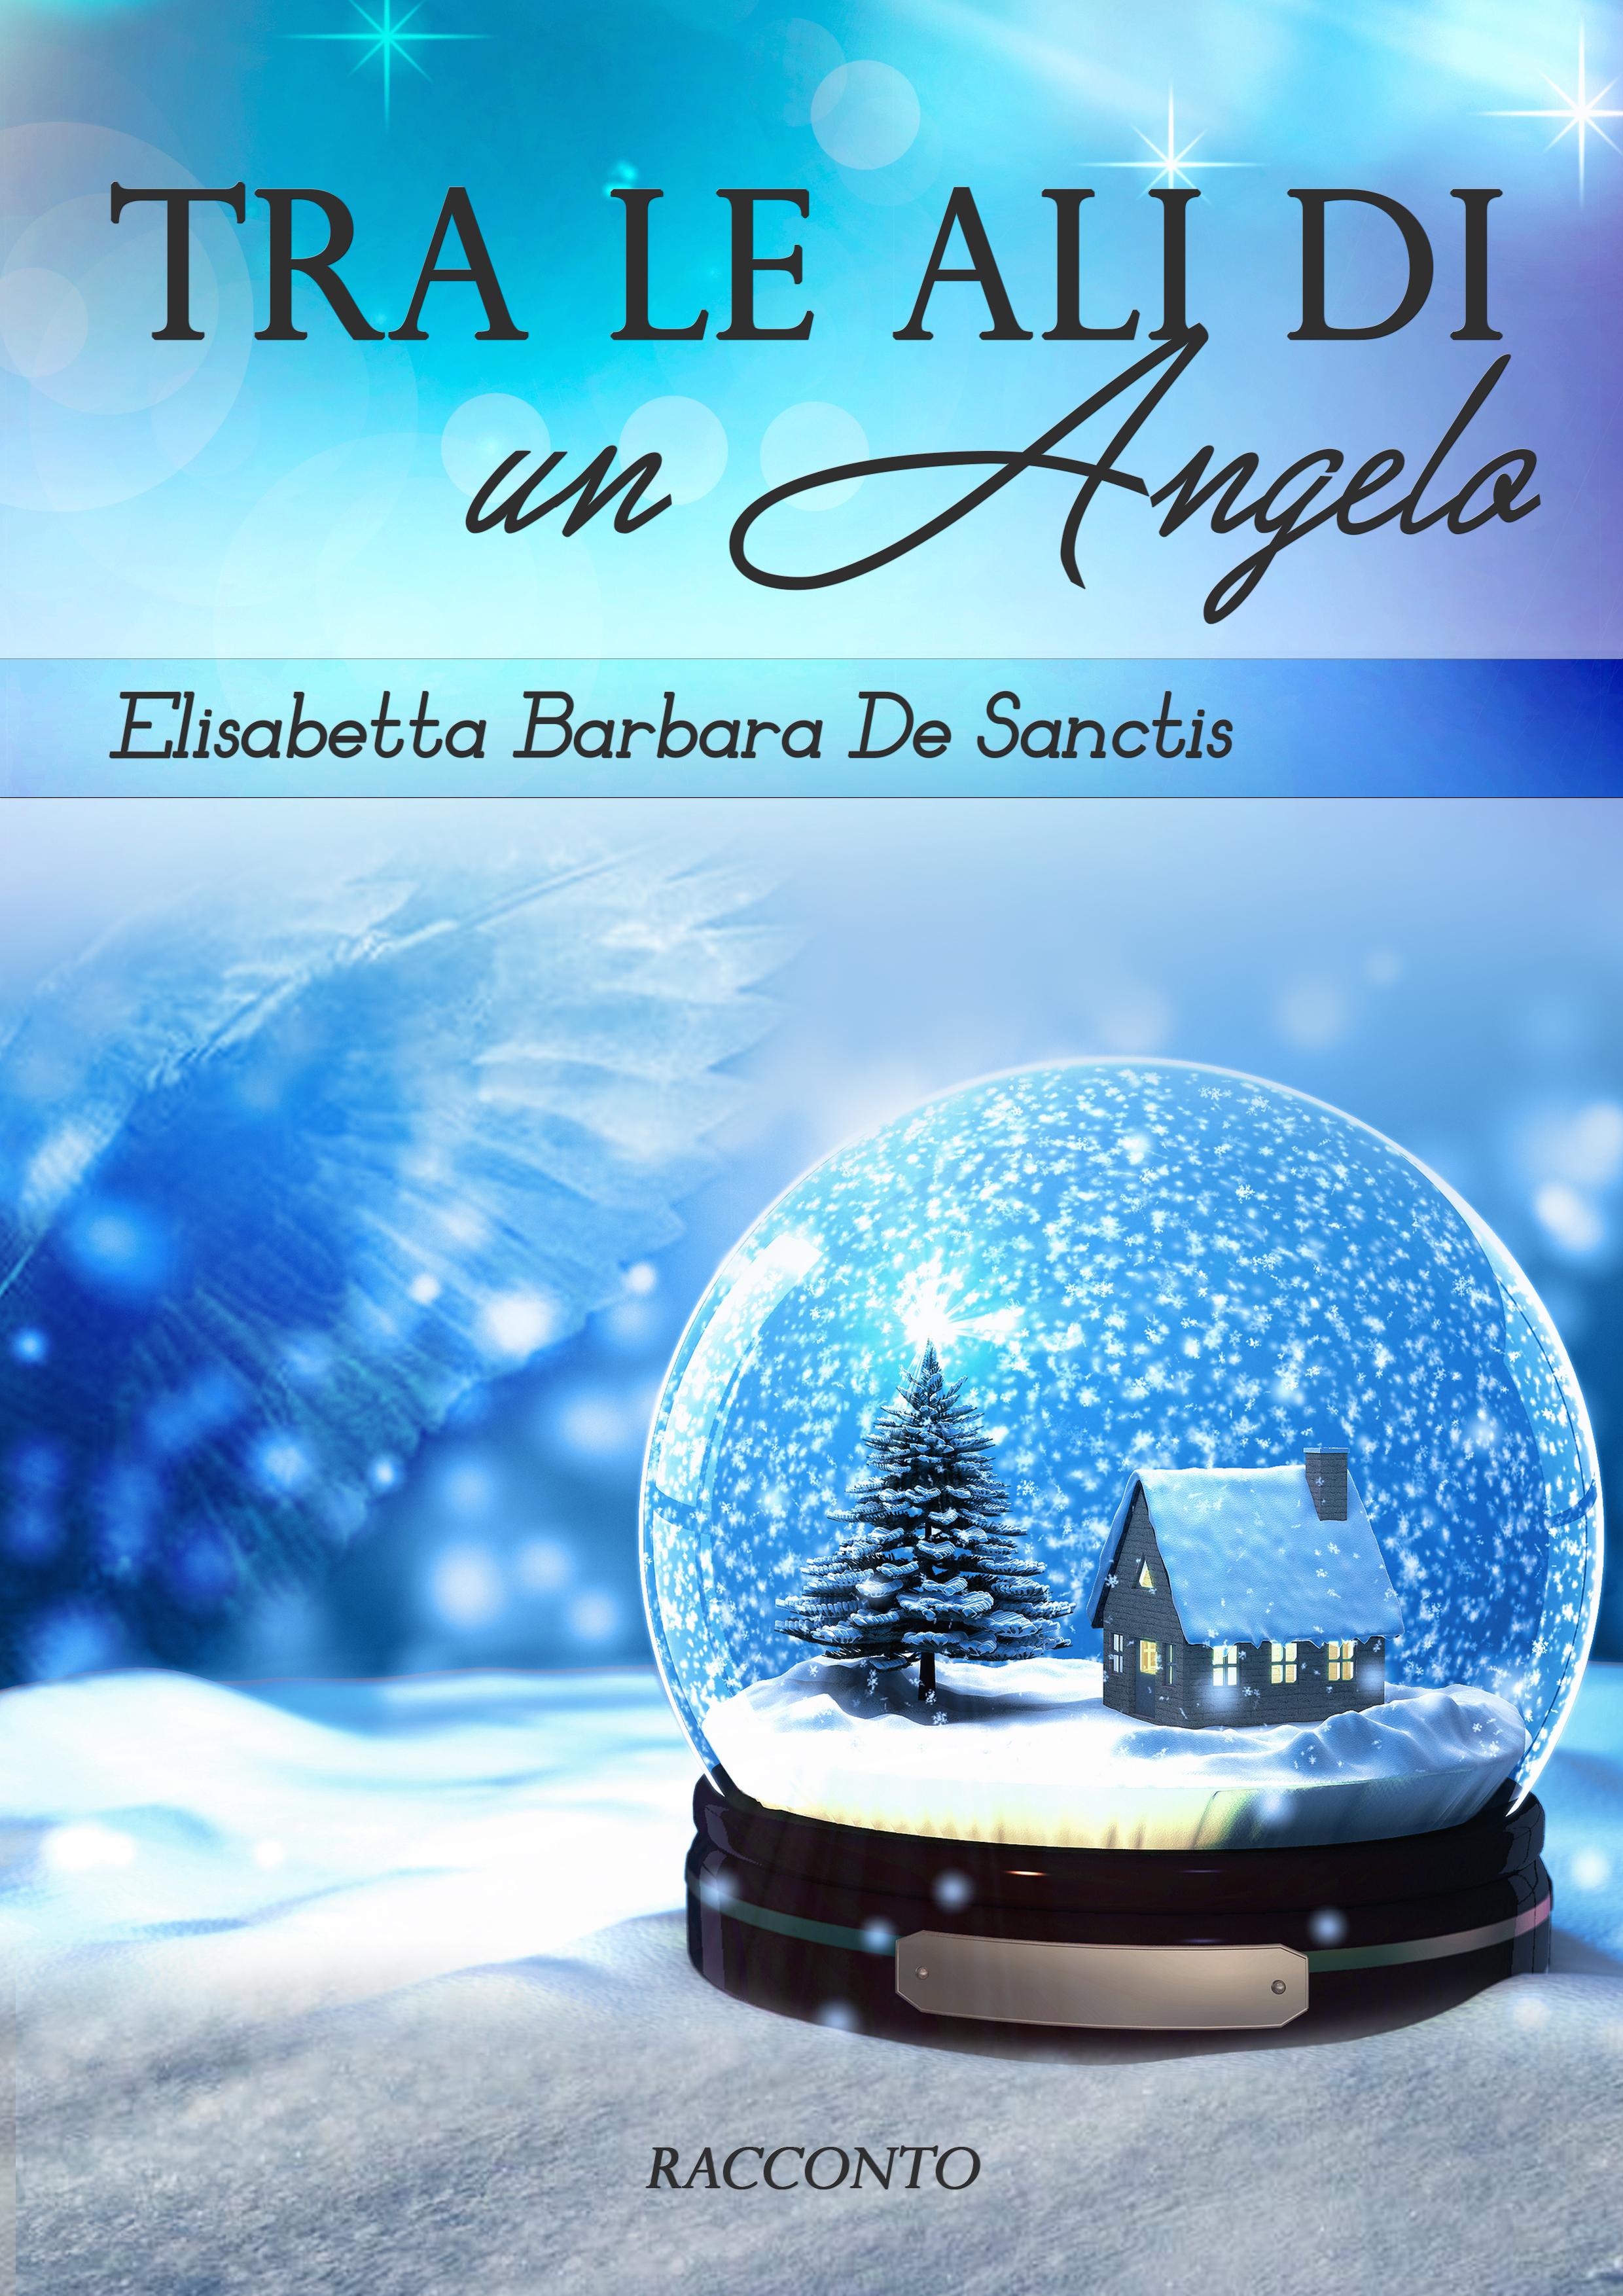 Tra le ali di un angelo cover - i miei libri